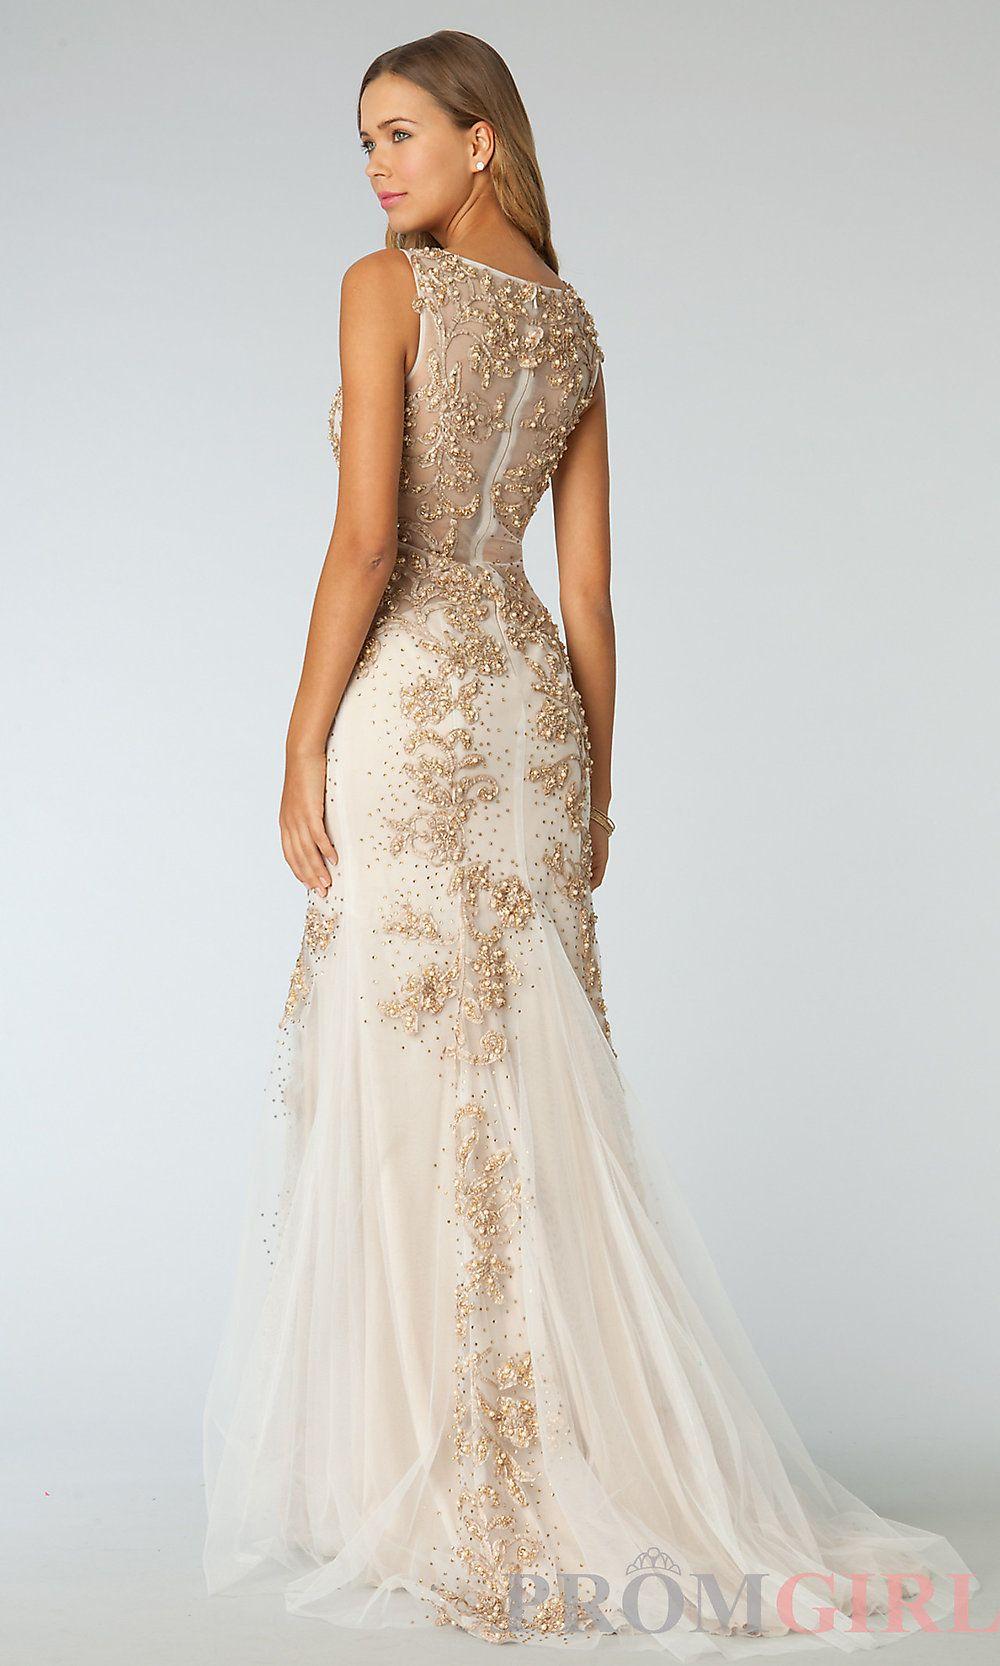 Prom Dresses, Plus-Size Dresses, Prom Shoes - PromGirl: JO